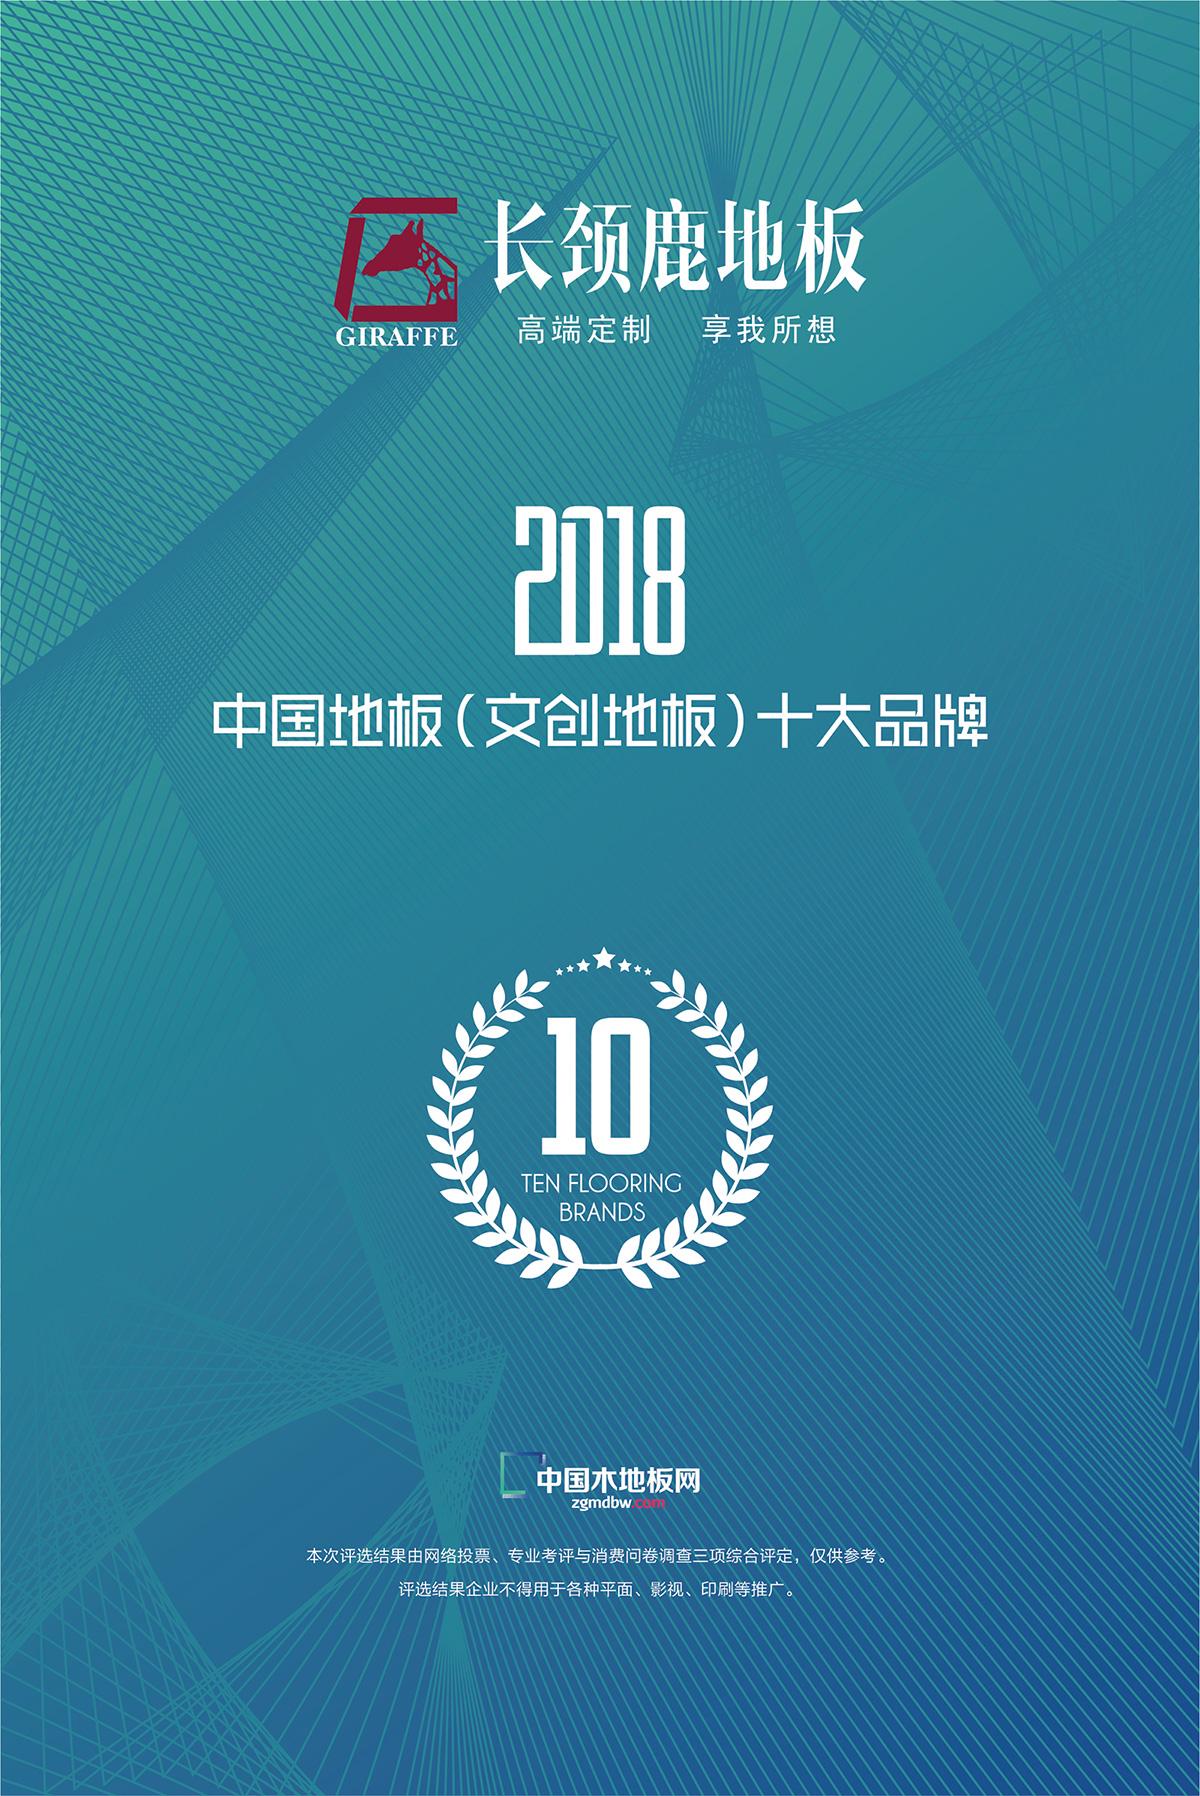 2018年中国地板(文创地板)十大品牌